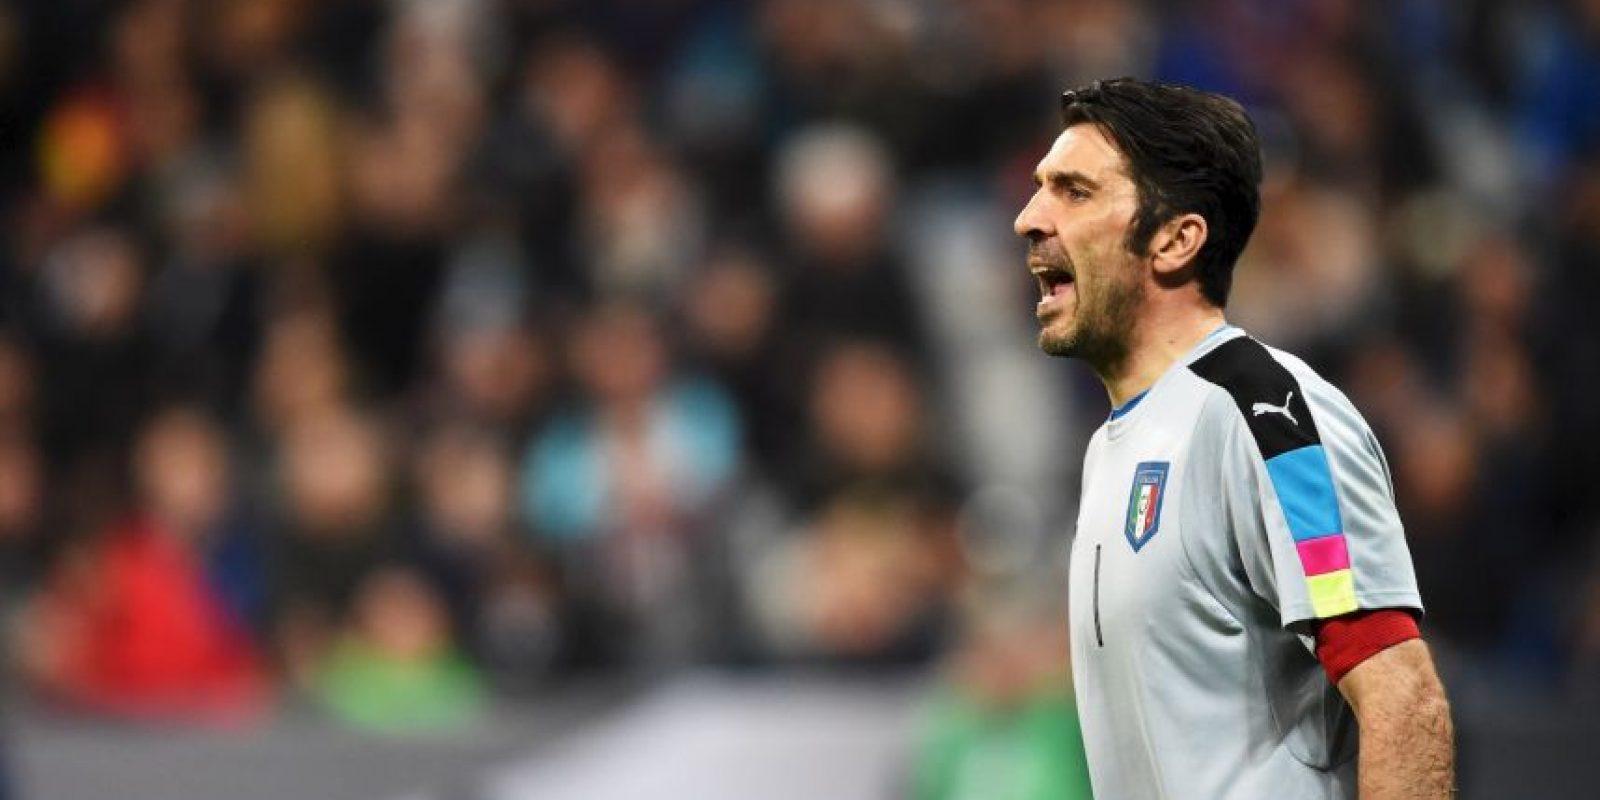 El portero italiano fue el elegido por los usuarios del sitio web oficial de la UEFA. Ha disputado el torneo de 2004, 2008, 2012 y ahora jugará el de 2016, pero aún no suma ningún trofeo. Foto:Getty Images